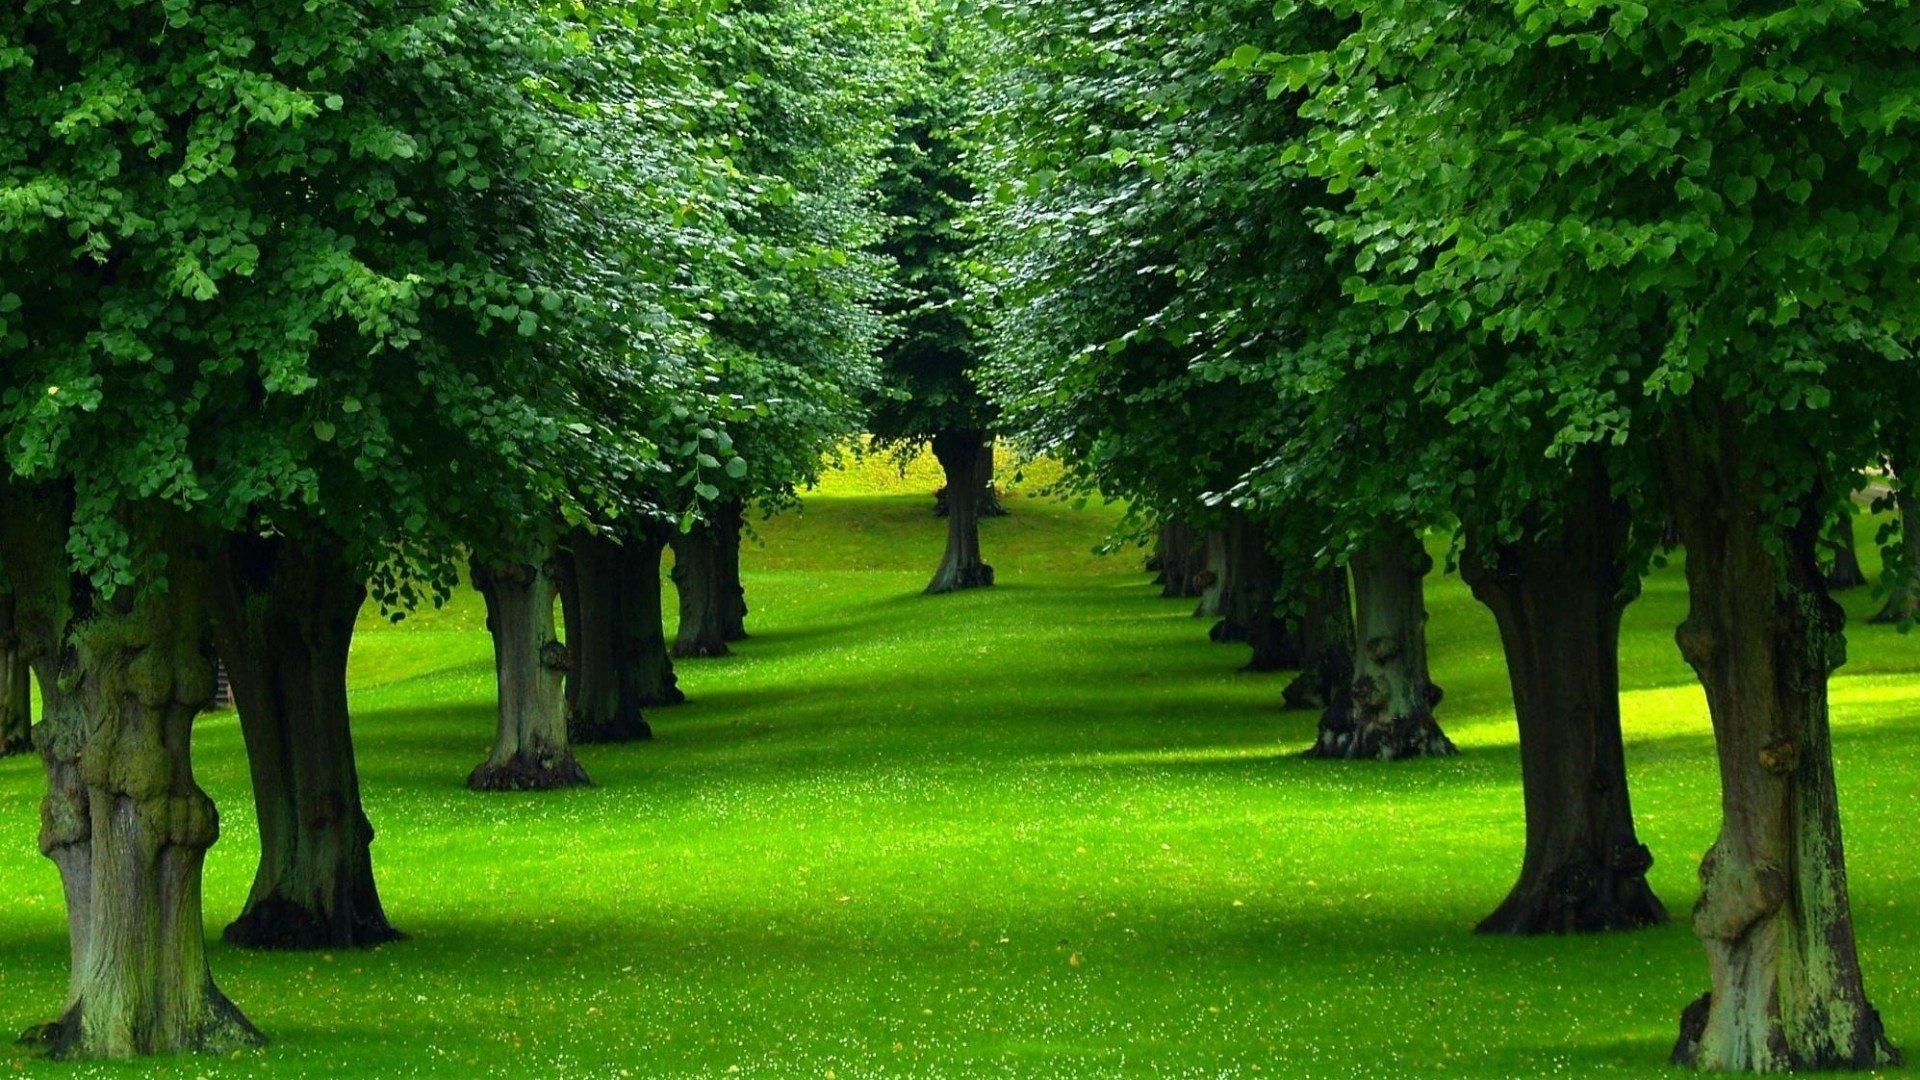 Tanaman hijau dan sehat